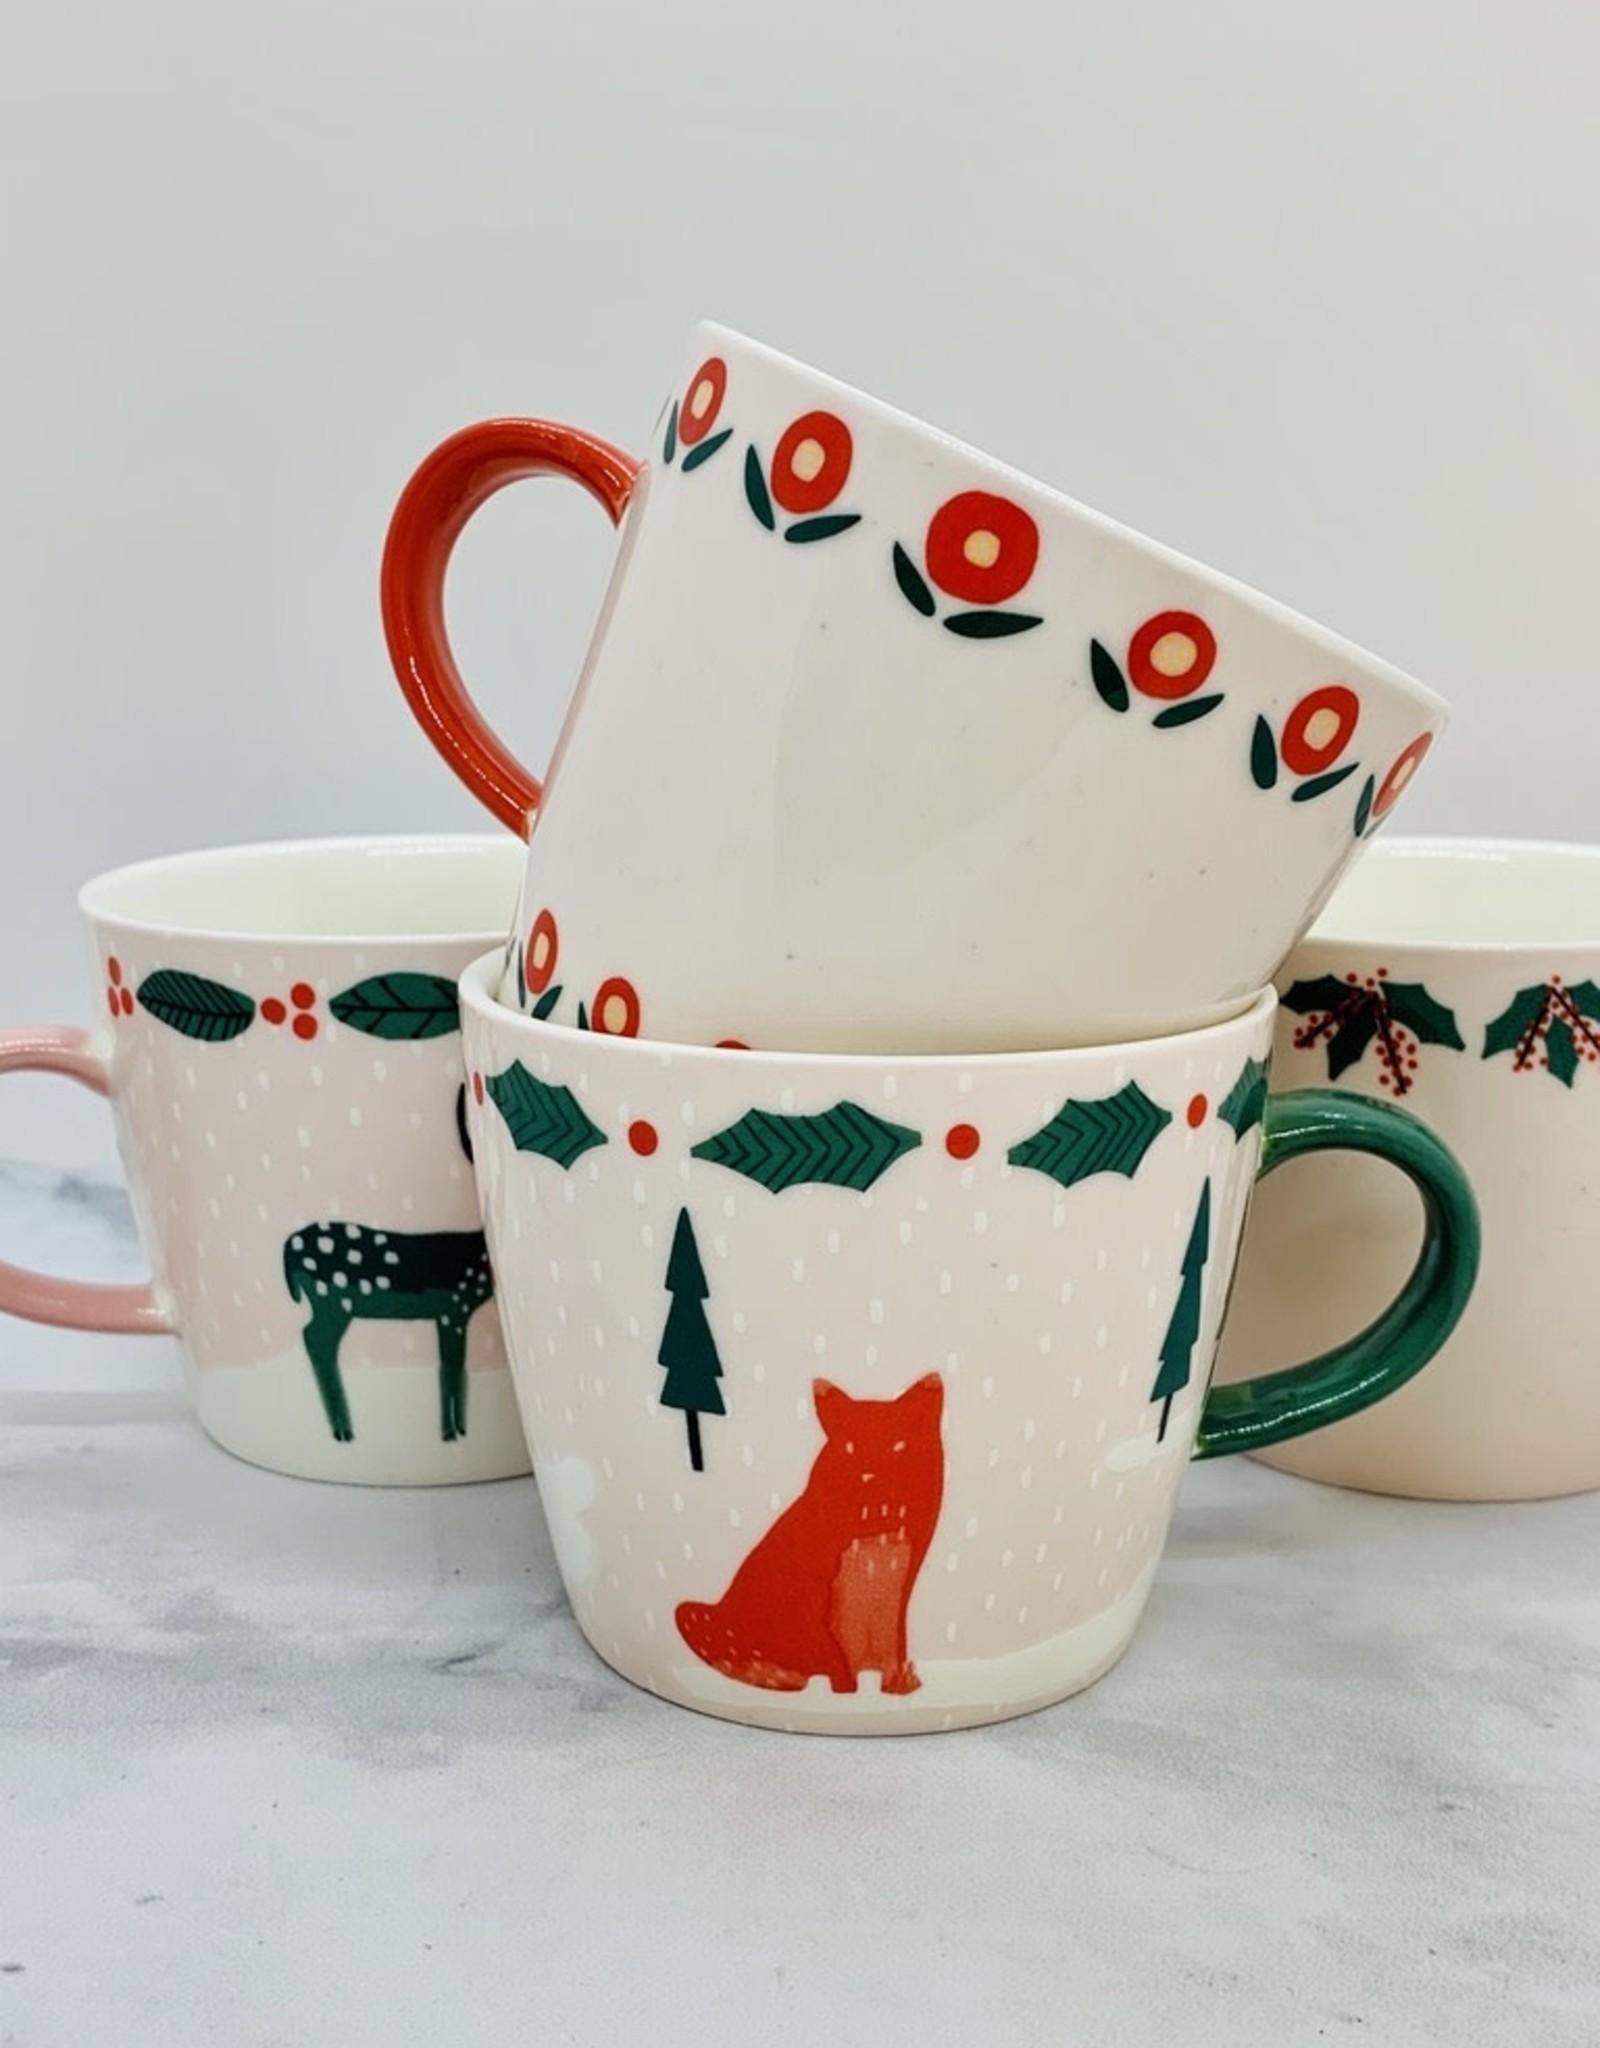 12oz Holiday Stoneware Mug with